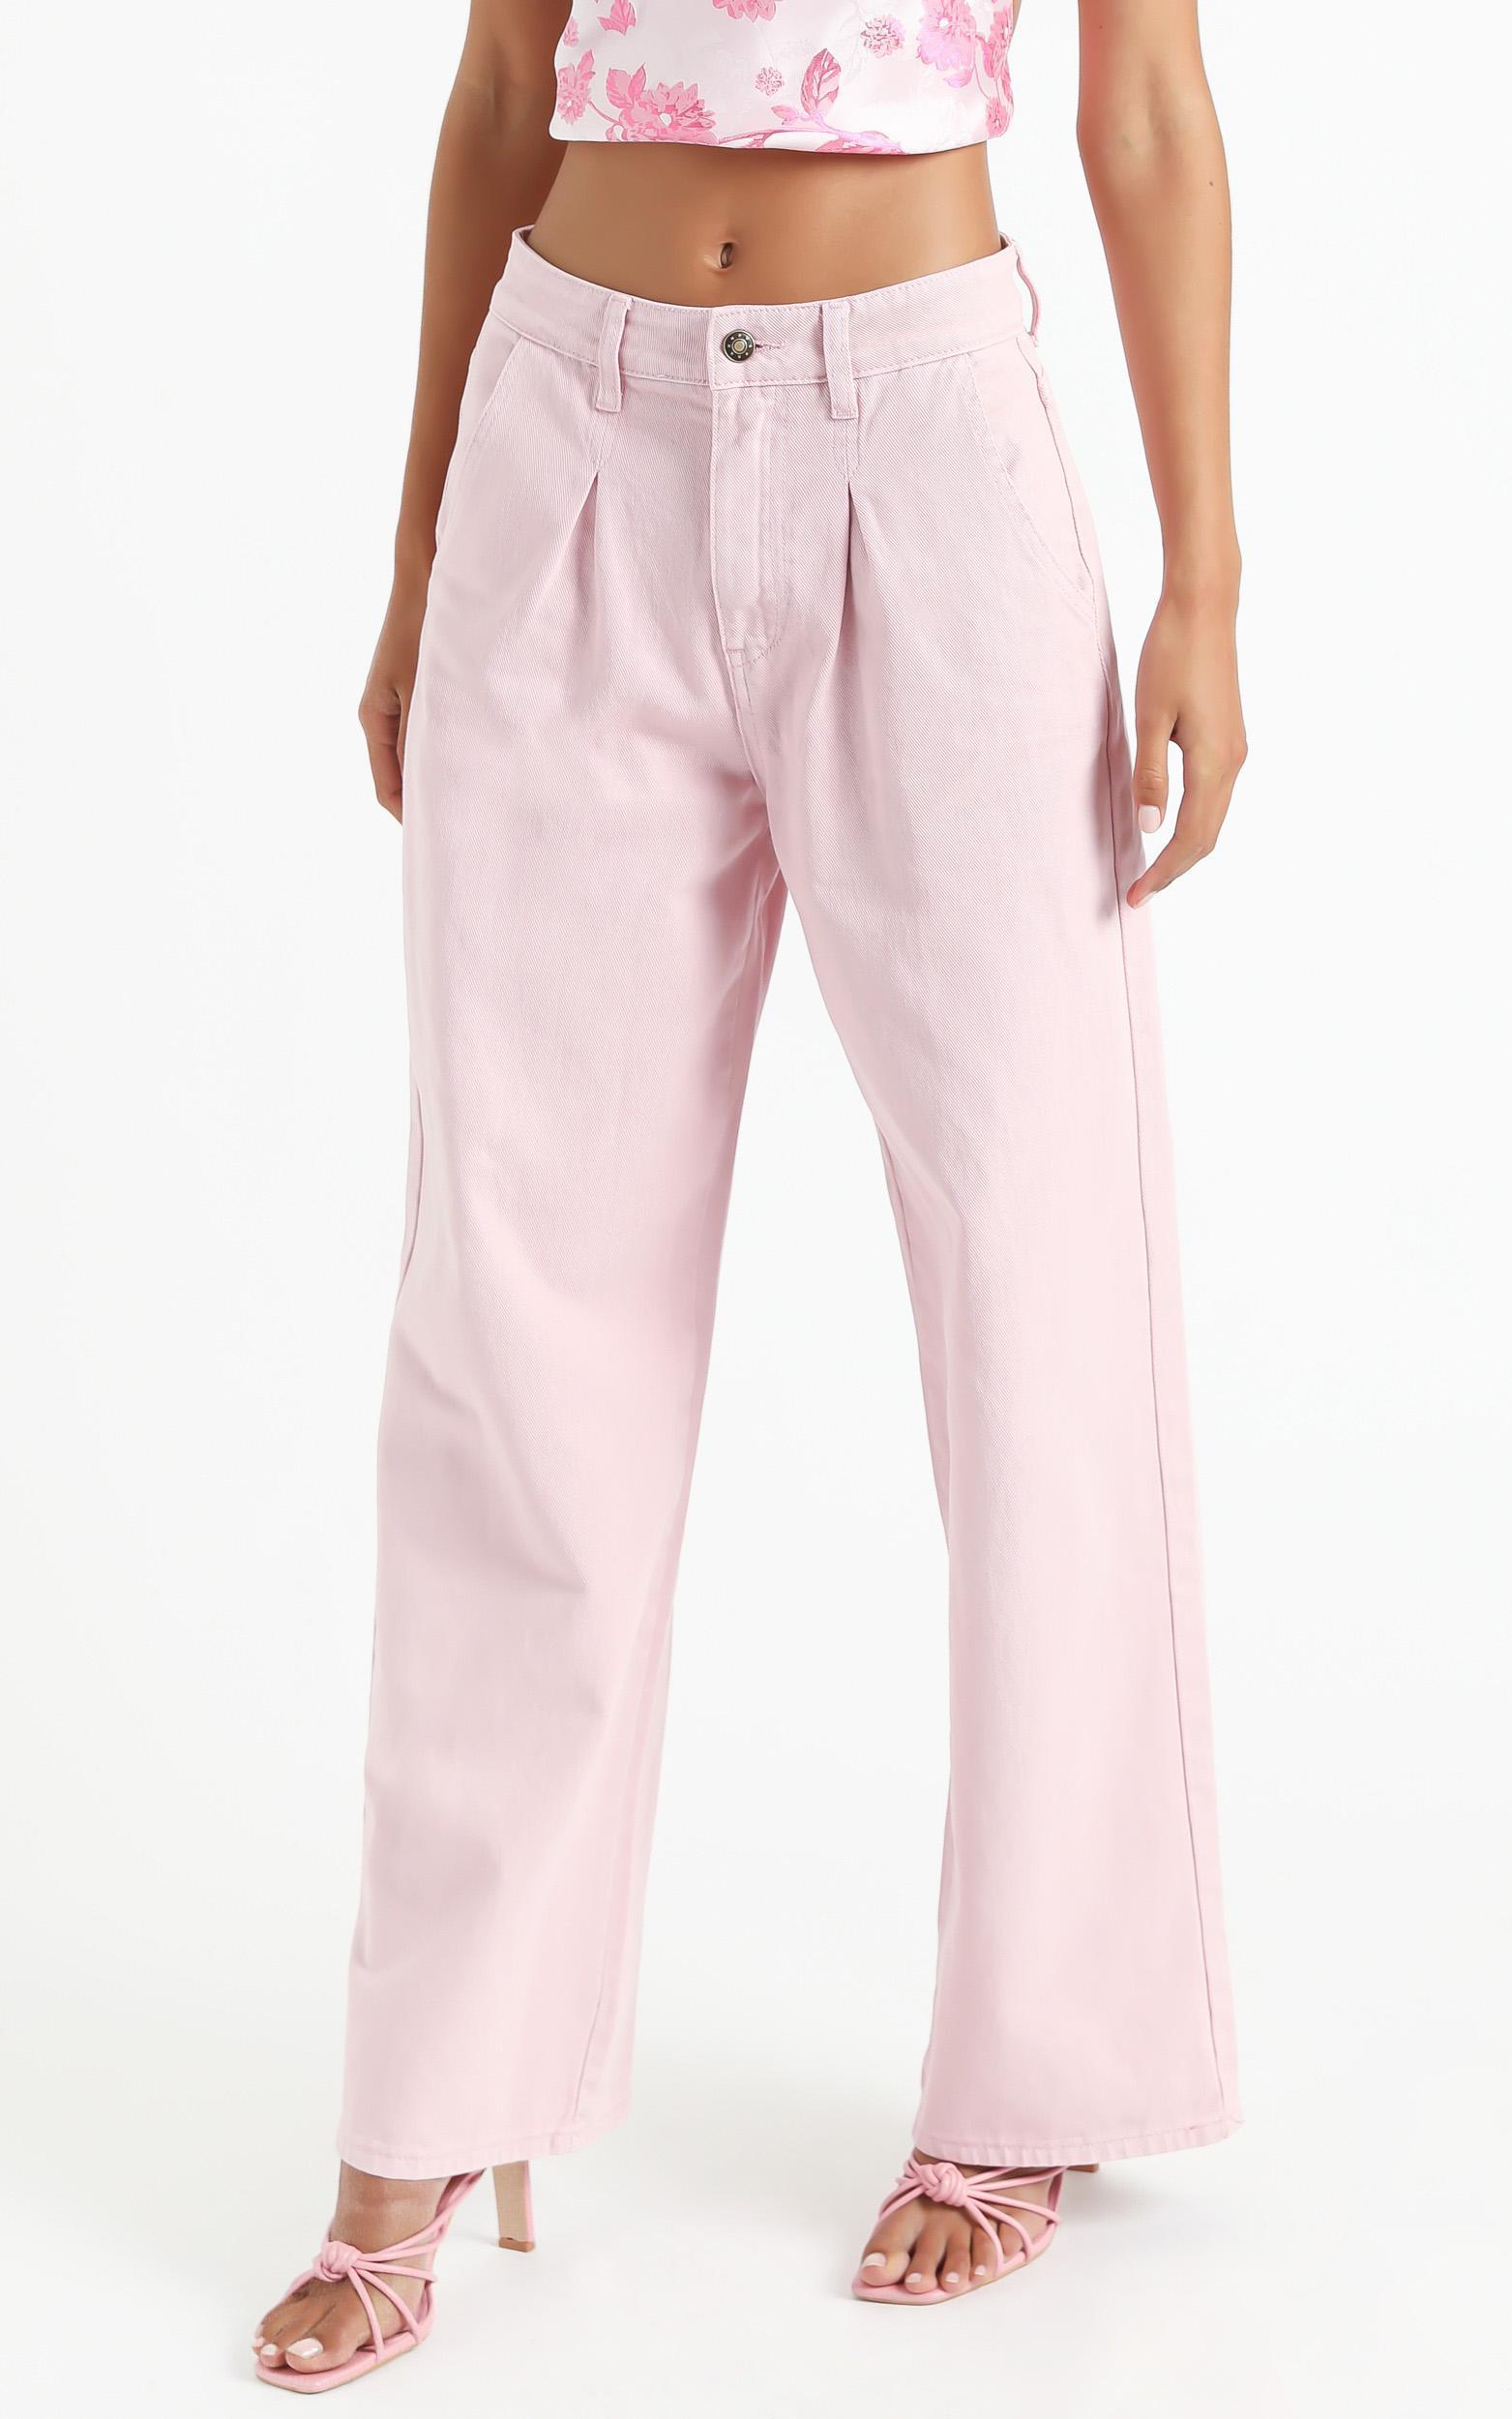 Lioness - Birken Jean in Pink - XS, PNK7, hi-res image number null